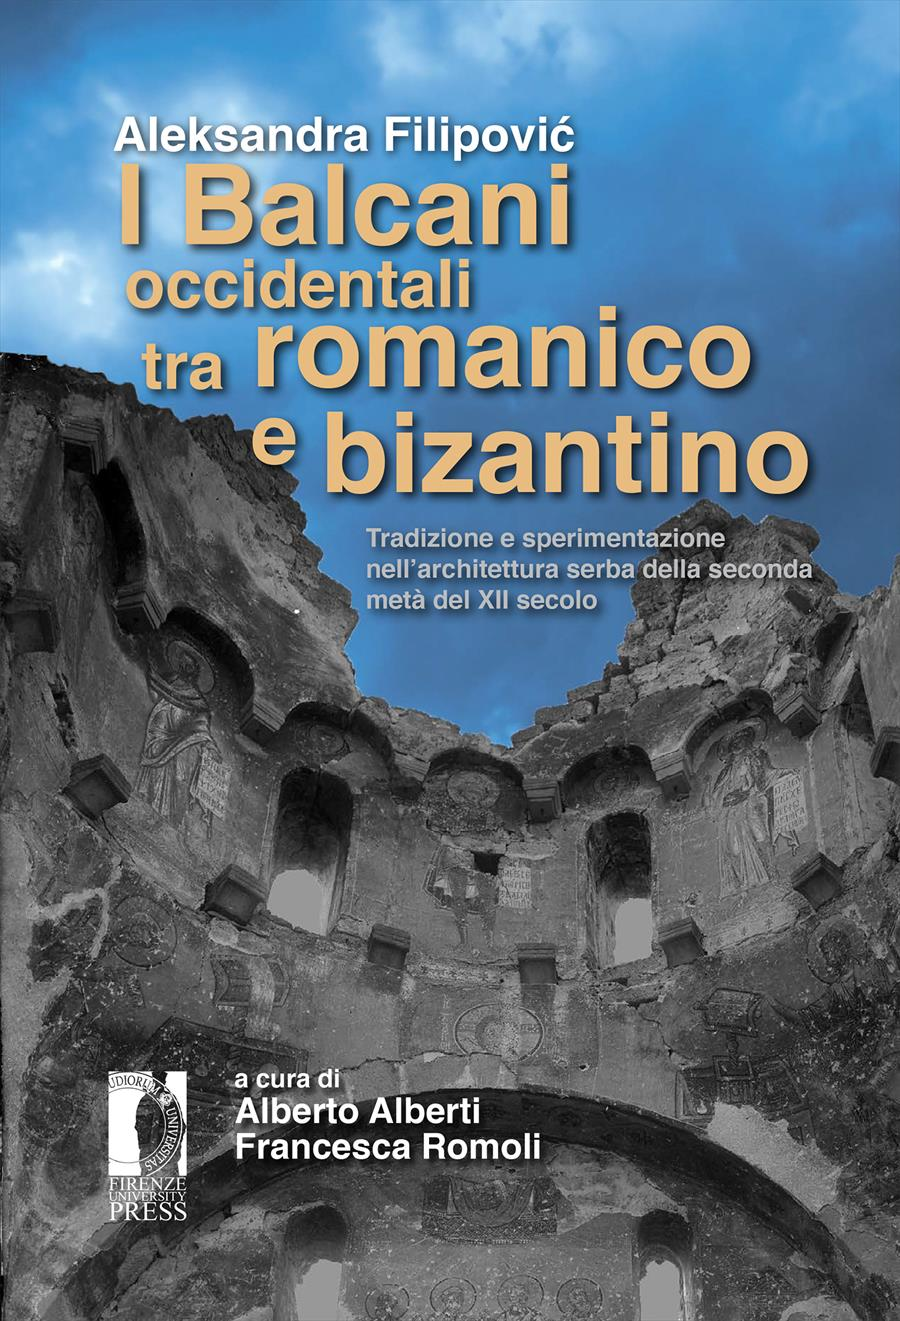 I Balcani occidentali tra romanico e bizantino